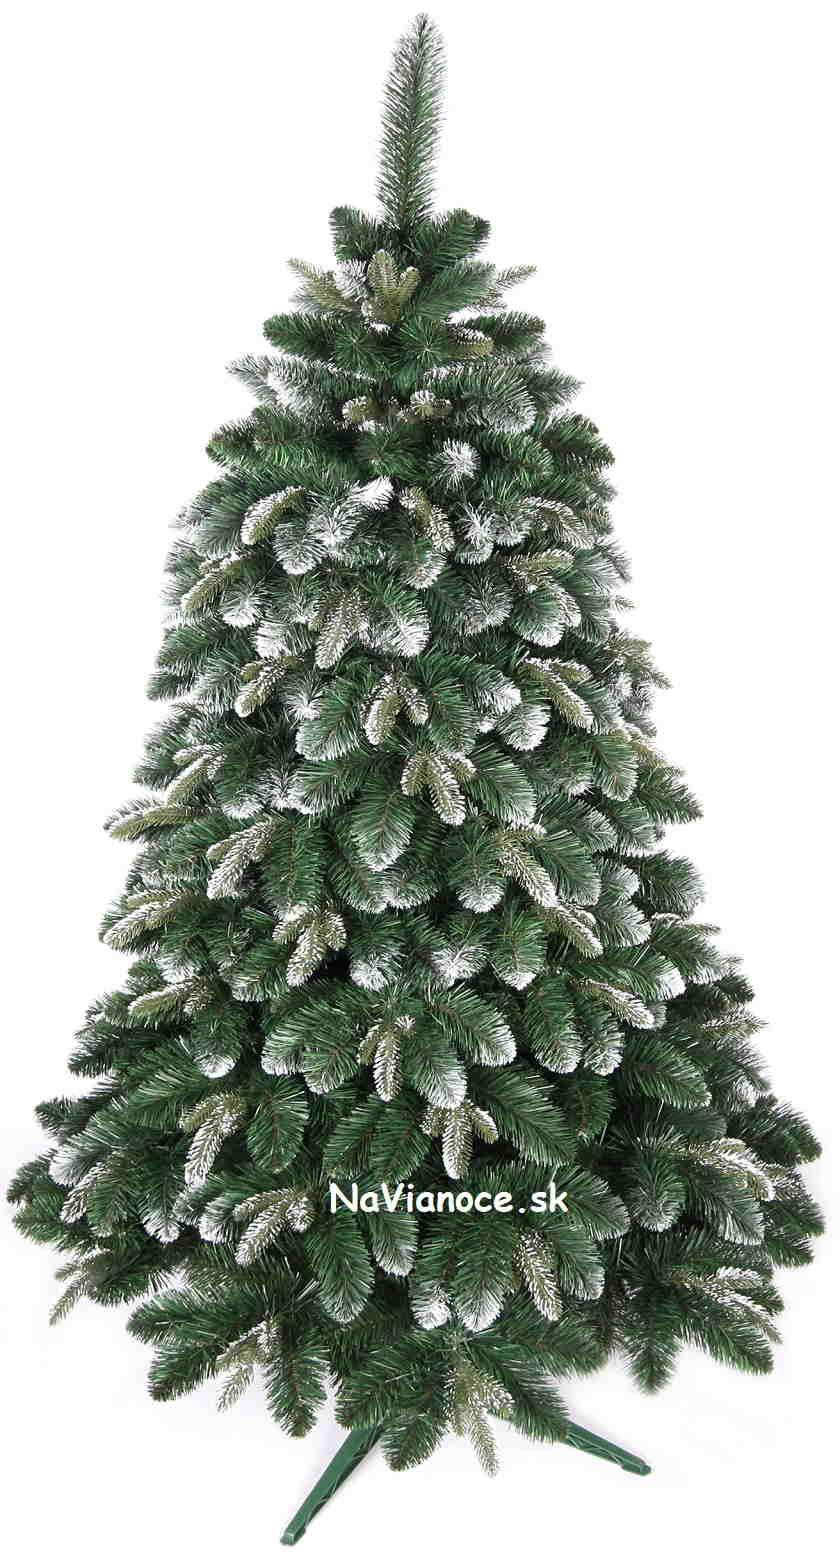 zasnežené vianočné stromčeky umelé